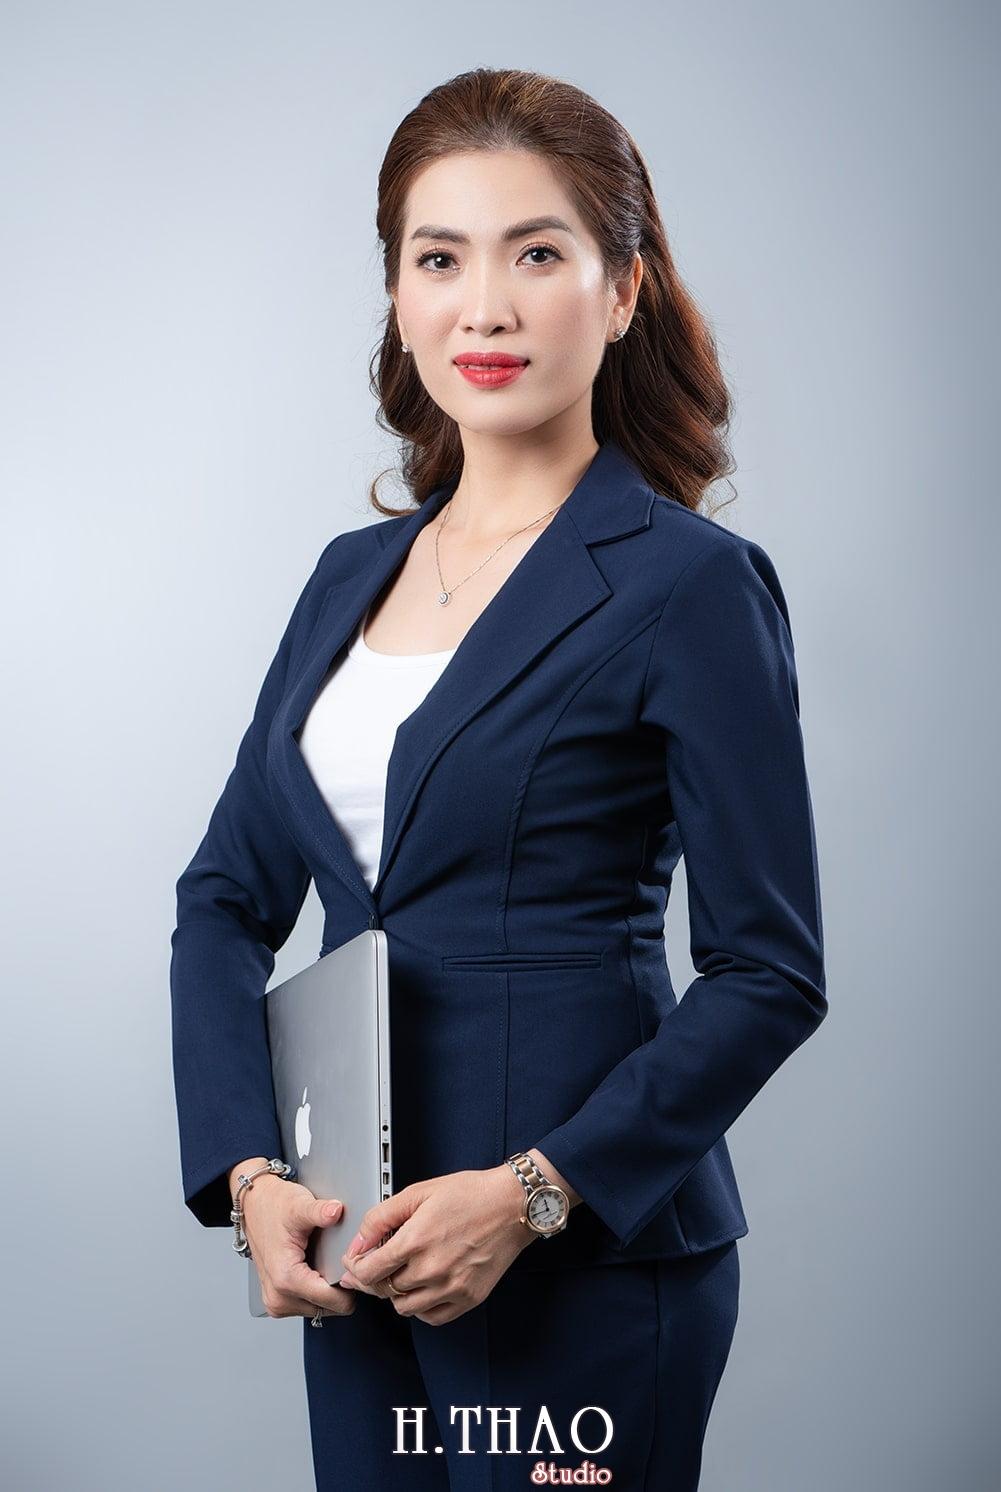 Doanh nhan nu dep 16 - Báo giá chụp ảnh doanh nhân